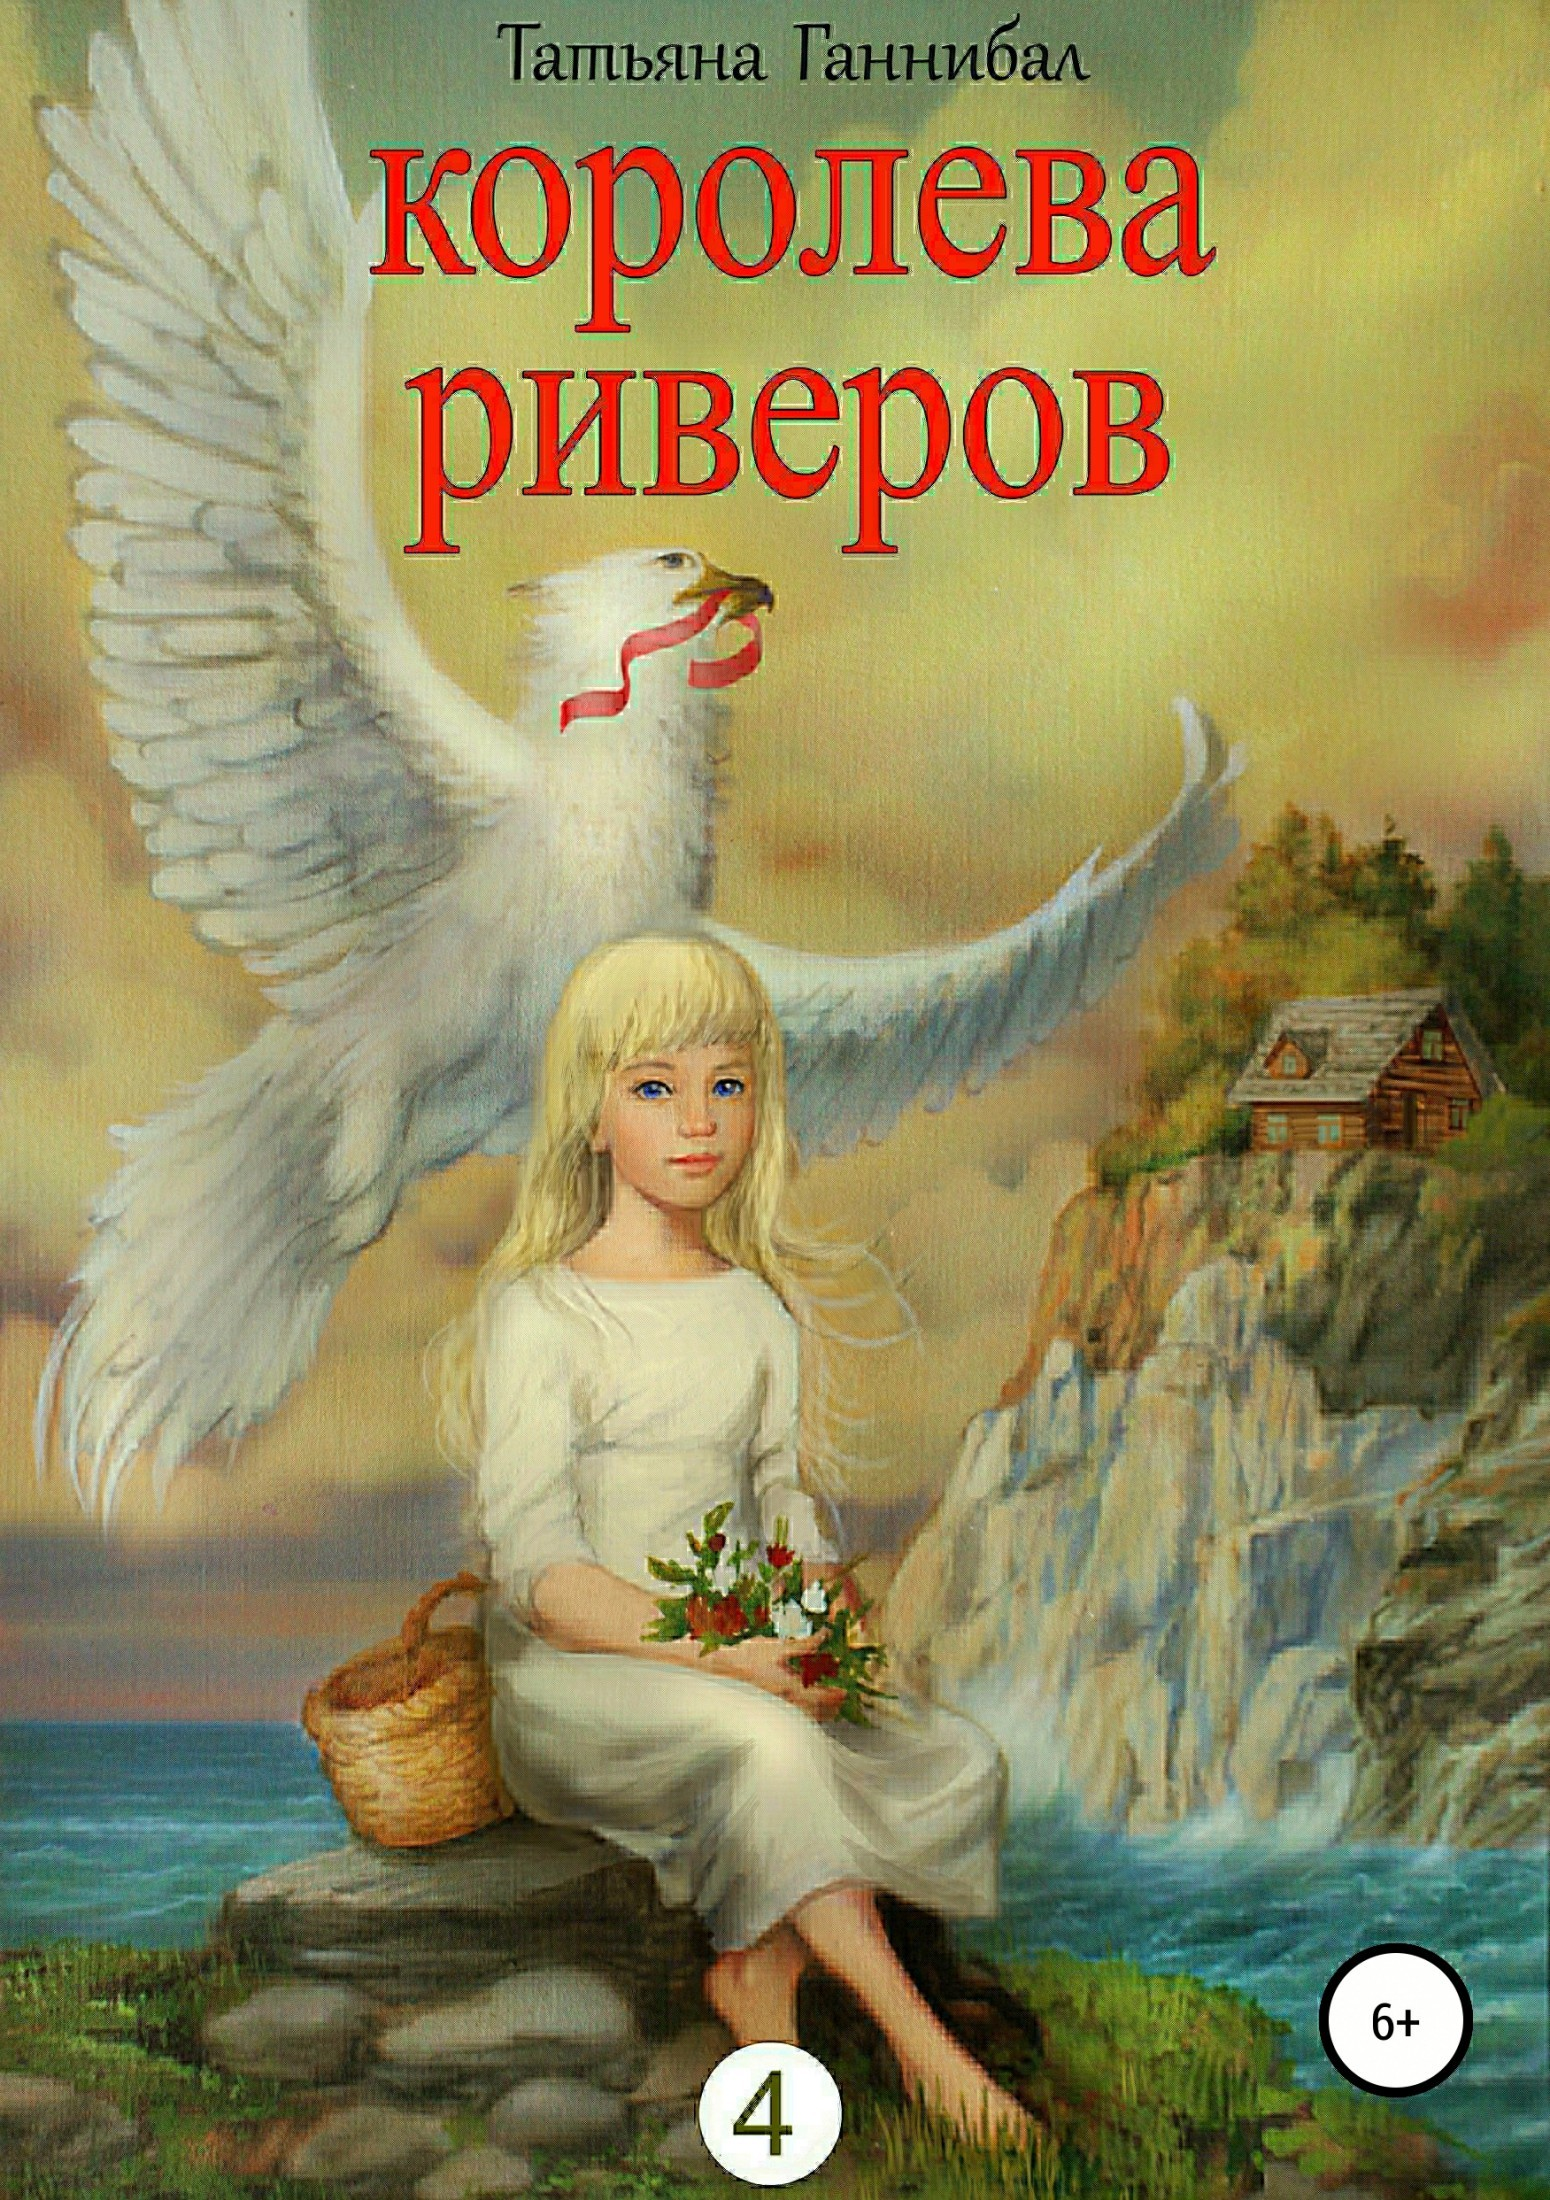 Татьяна Ганнибал - Королева риверов